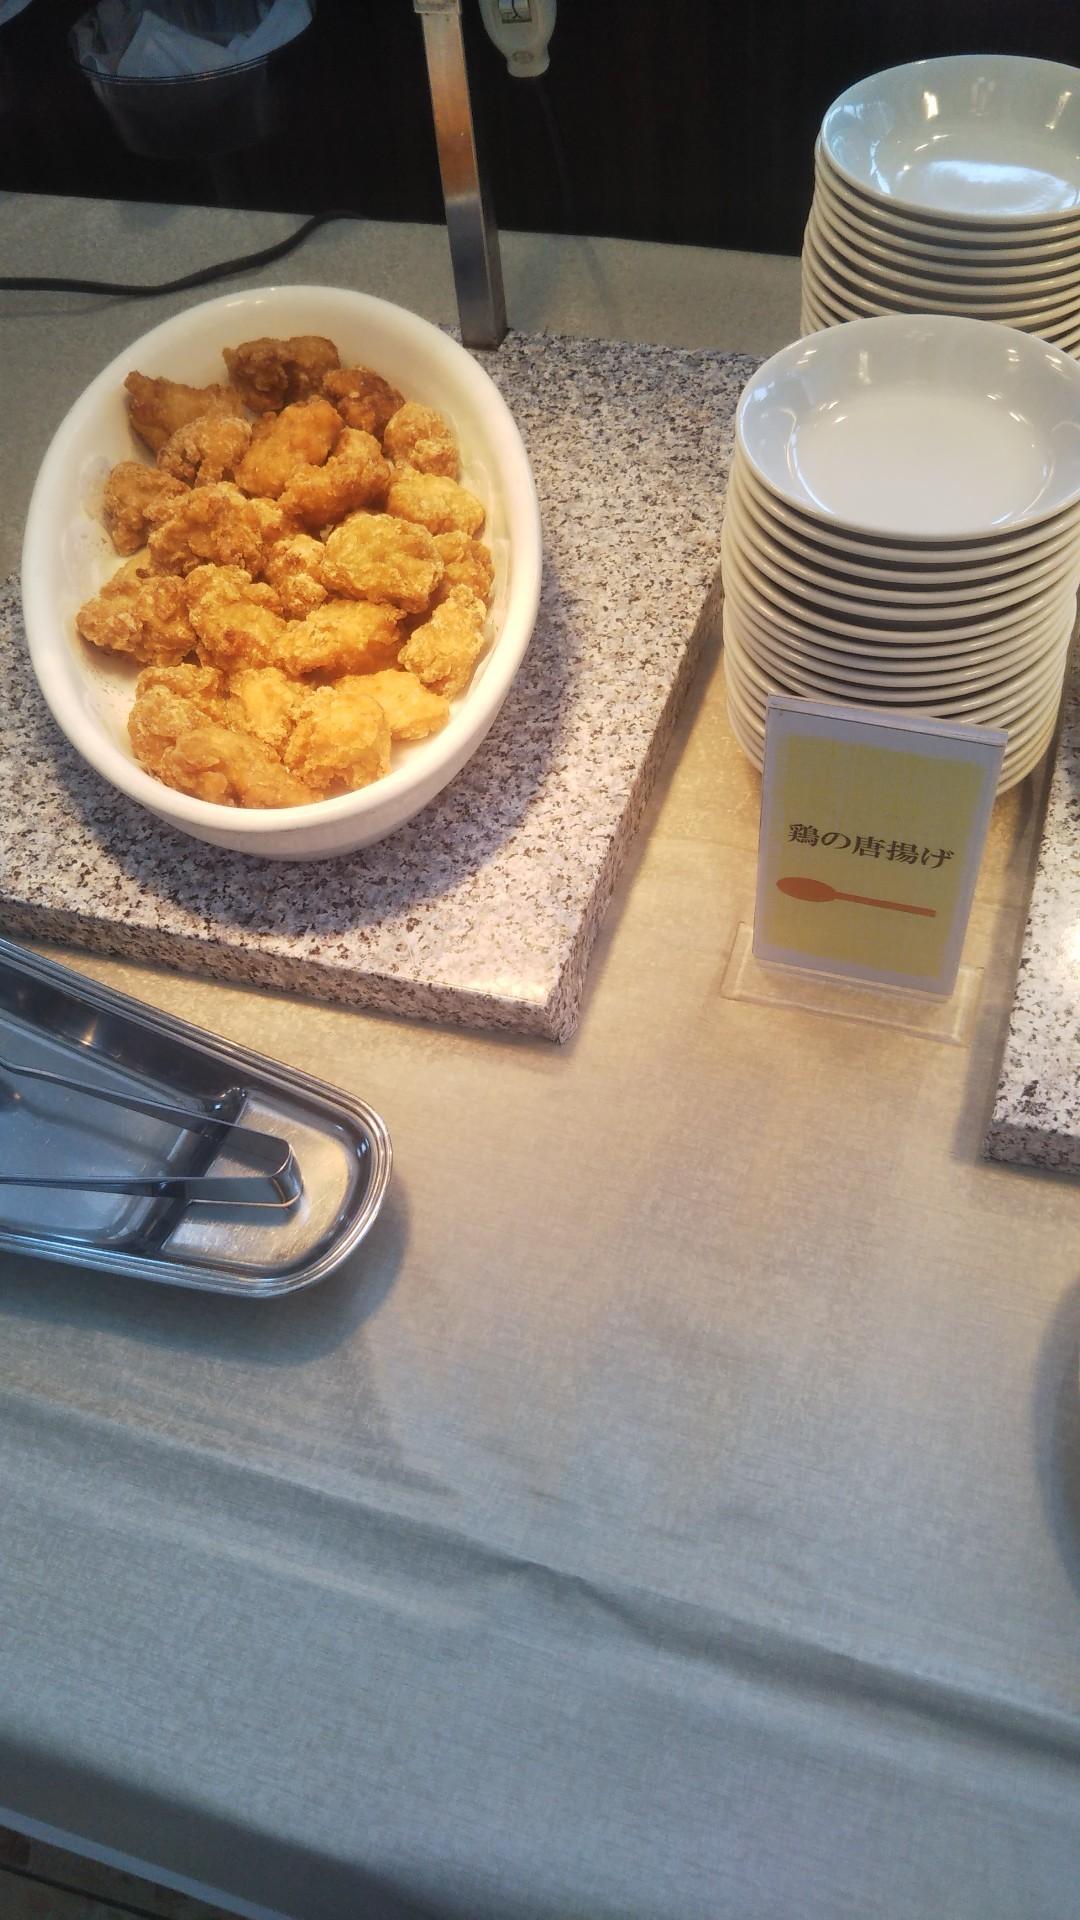 シャトレーゼ ガトーキングダムサッポロ ヴィーニュ Dessert Buffet~夏のべジスイーツフェア~_f0076001_23433457.jpg